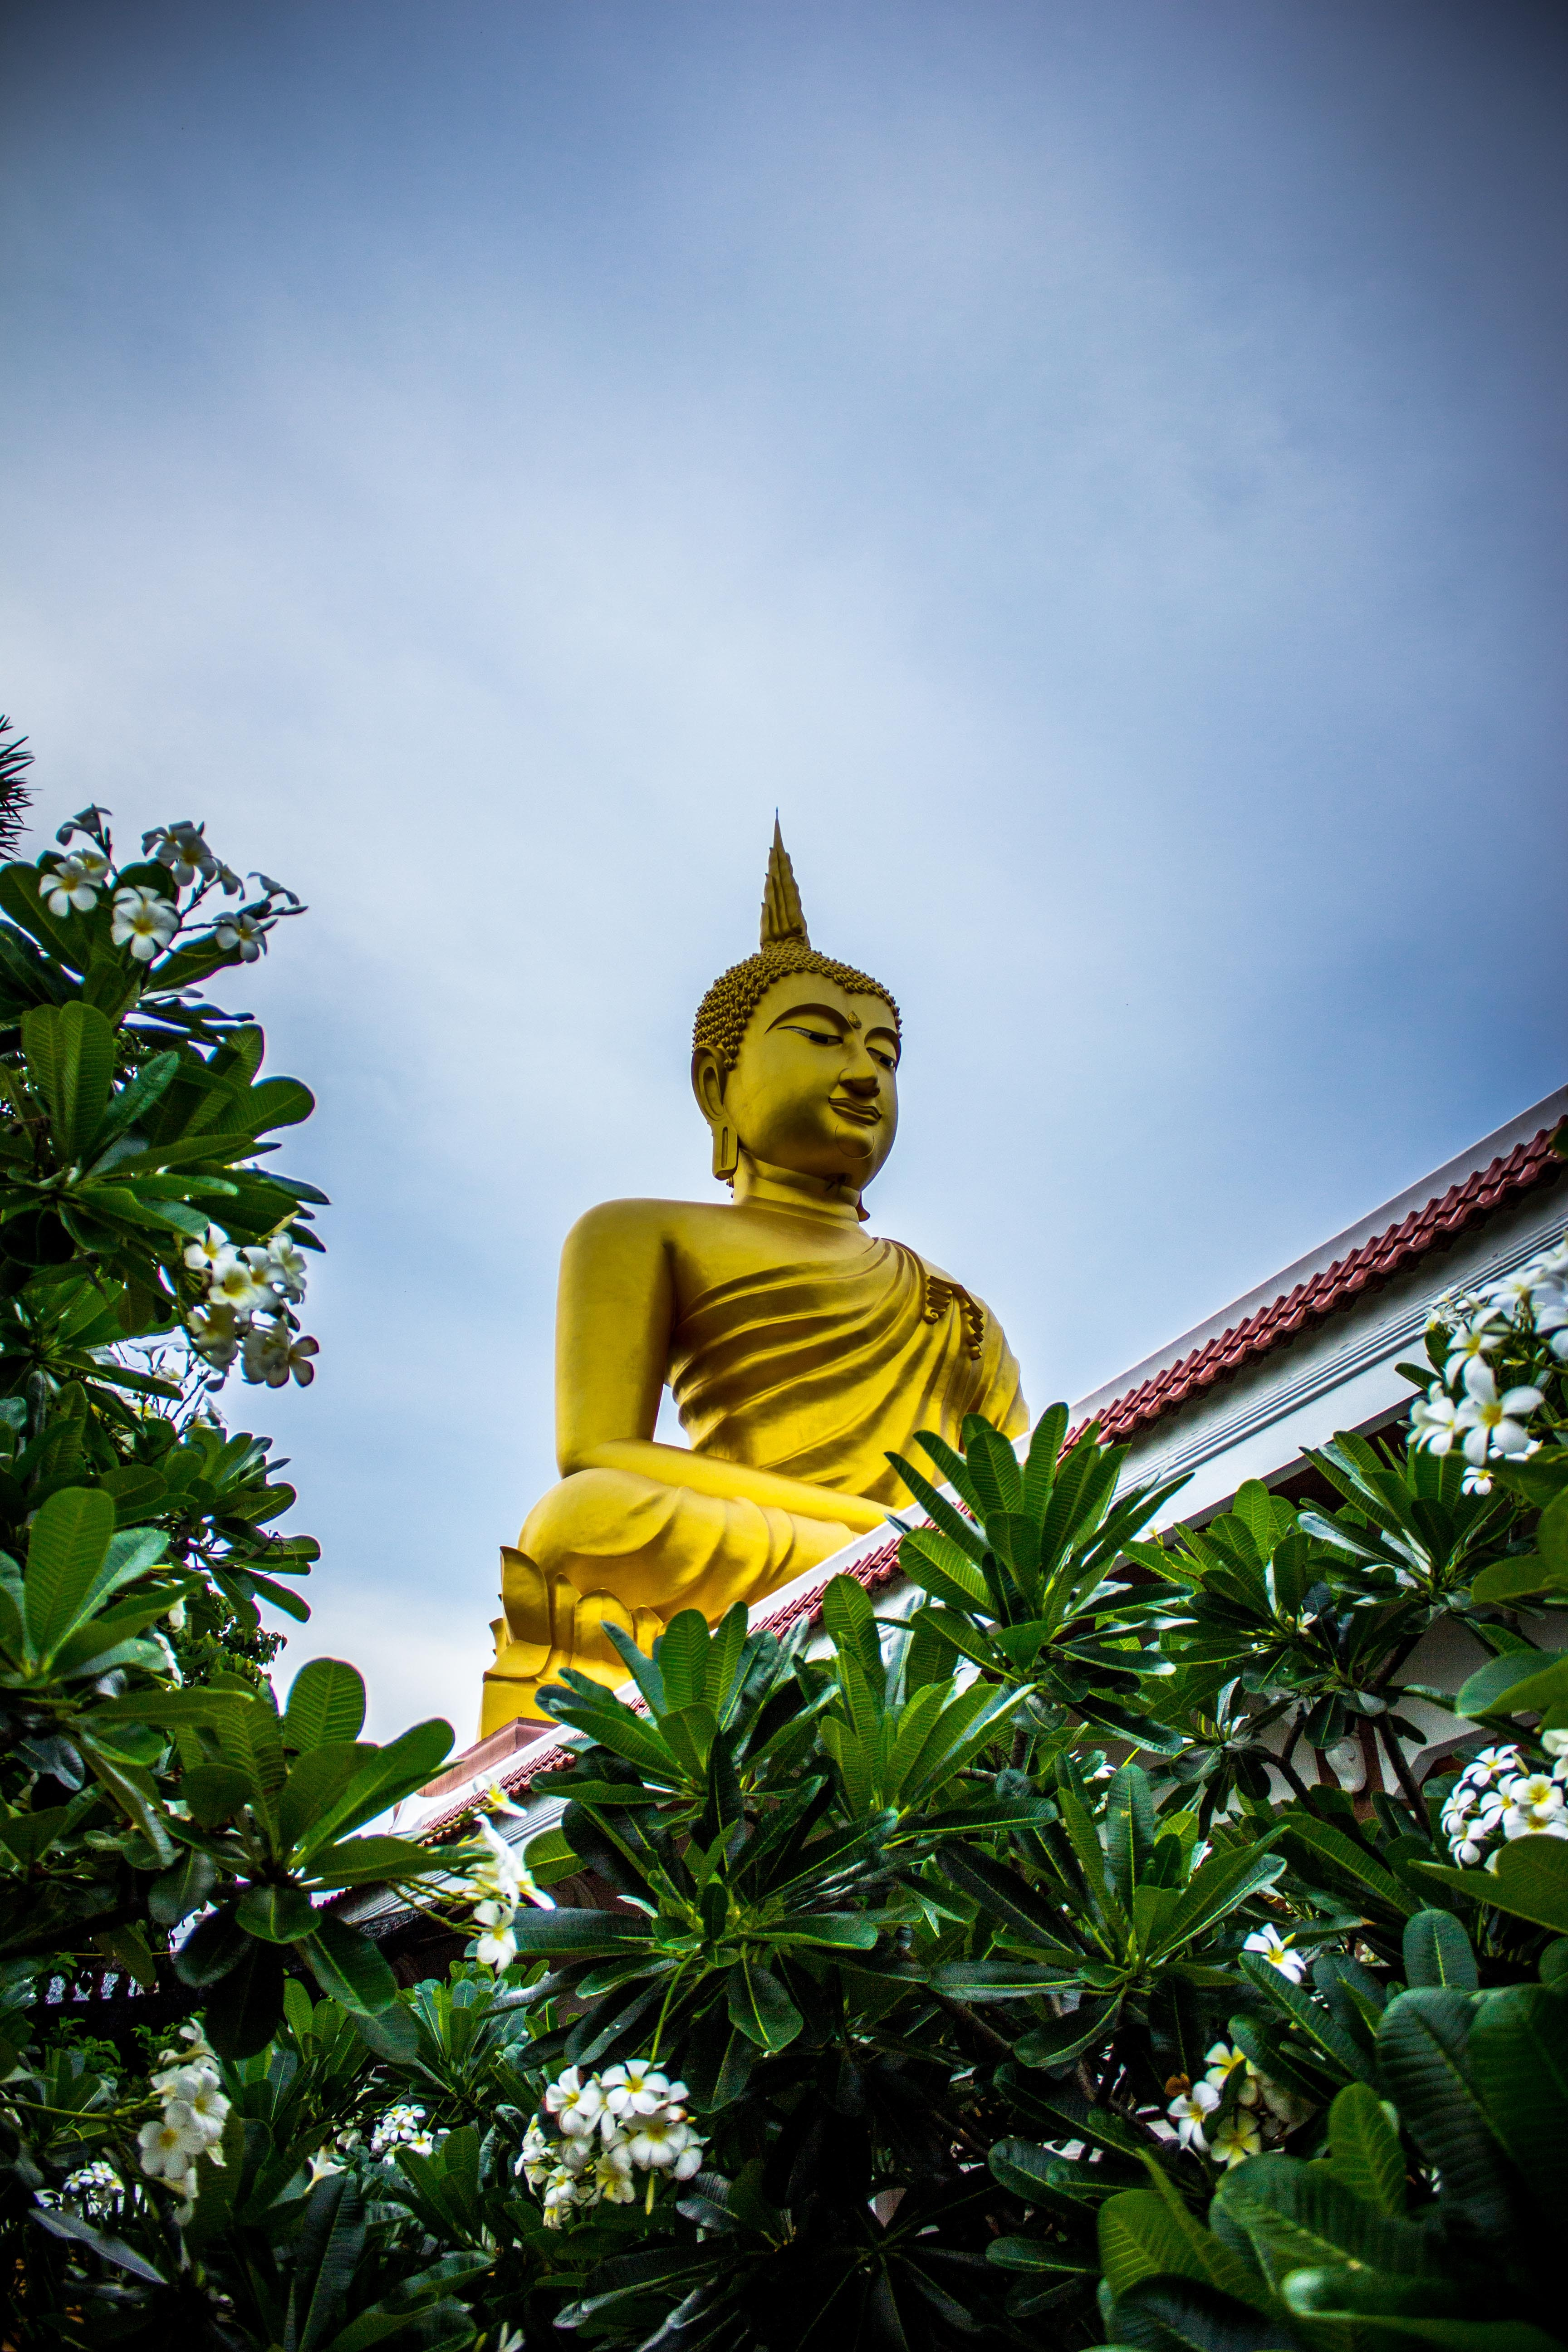 139744 скачать обои Разное, Будда, Буддизм, Скульптура, Статуя, Растения - заставки и картинки бесплатно